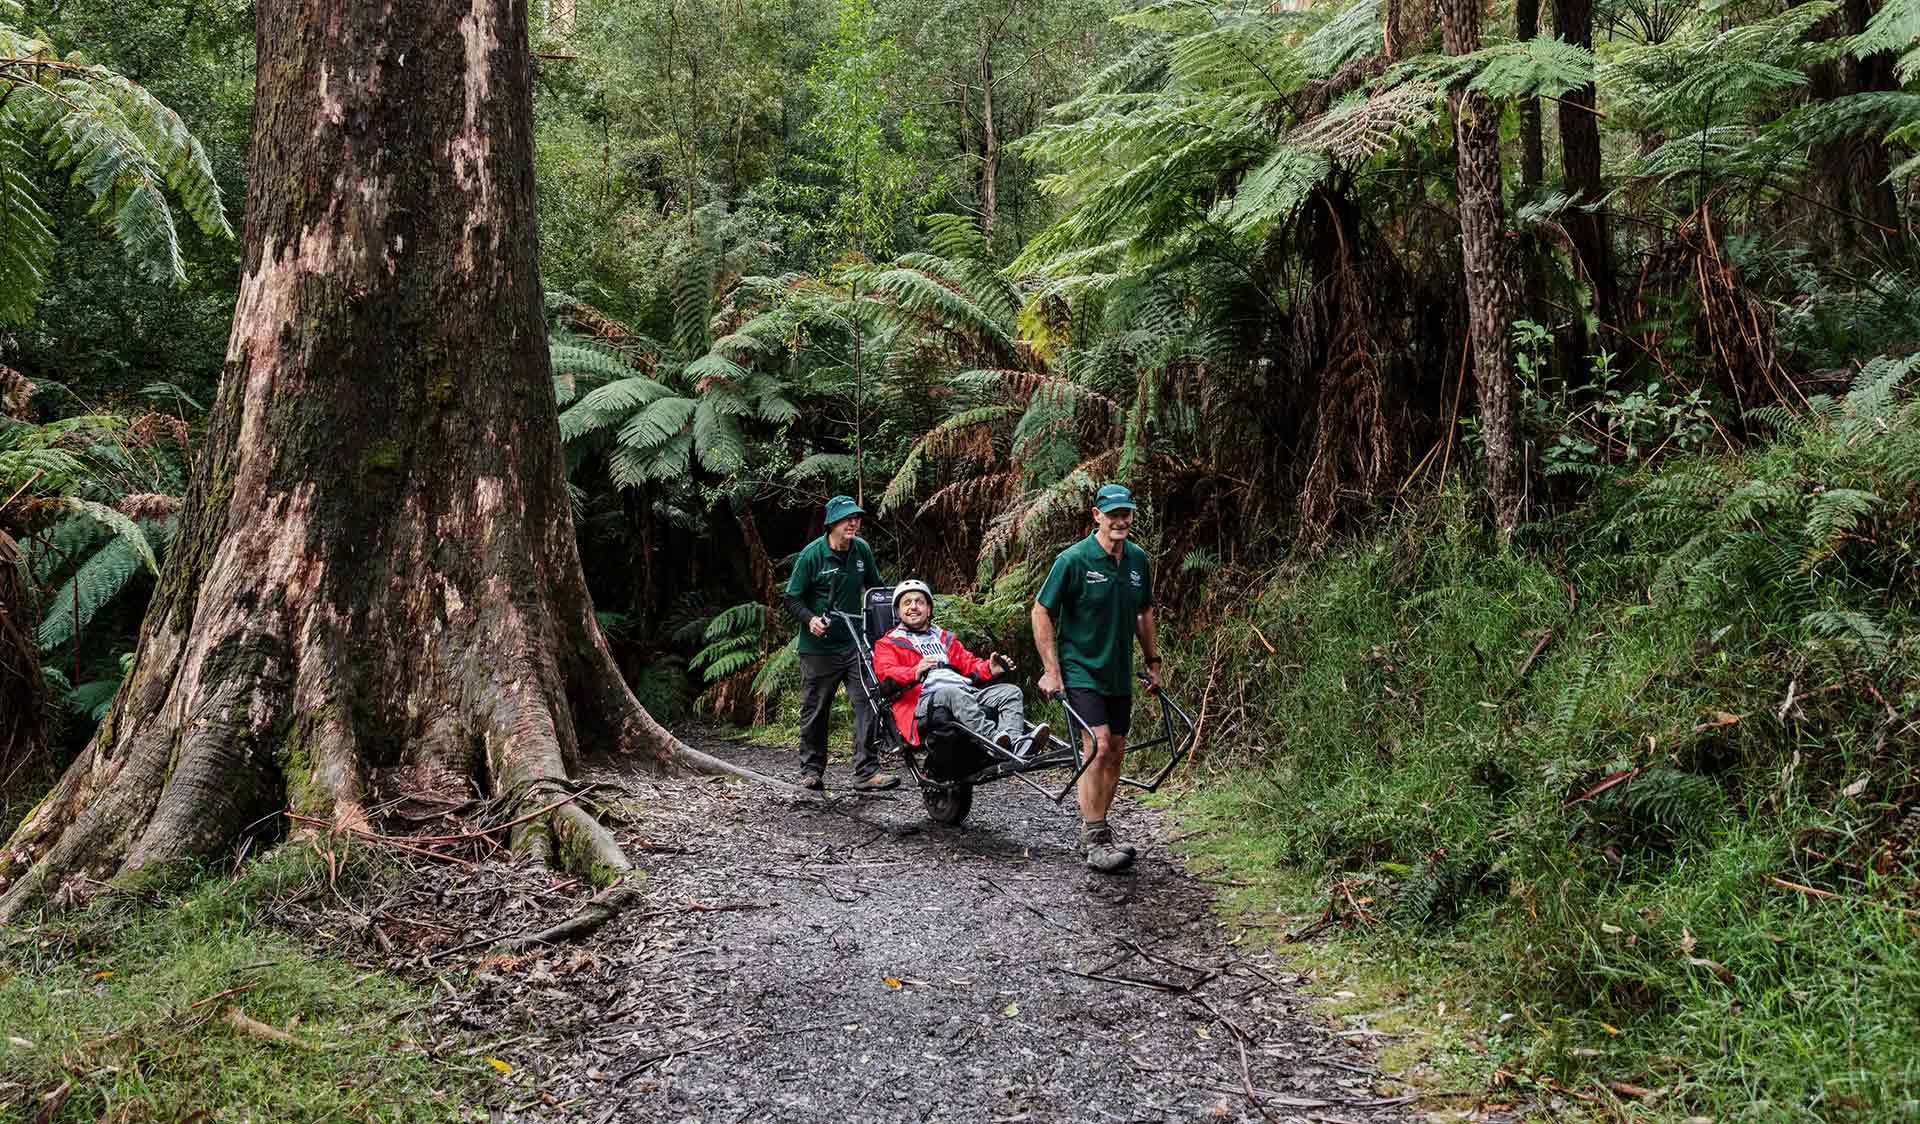 www.parks.vic.gov.au